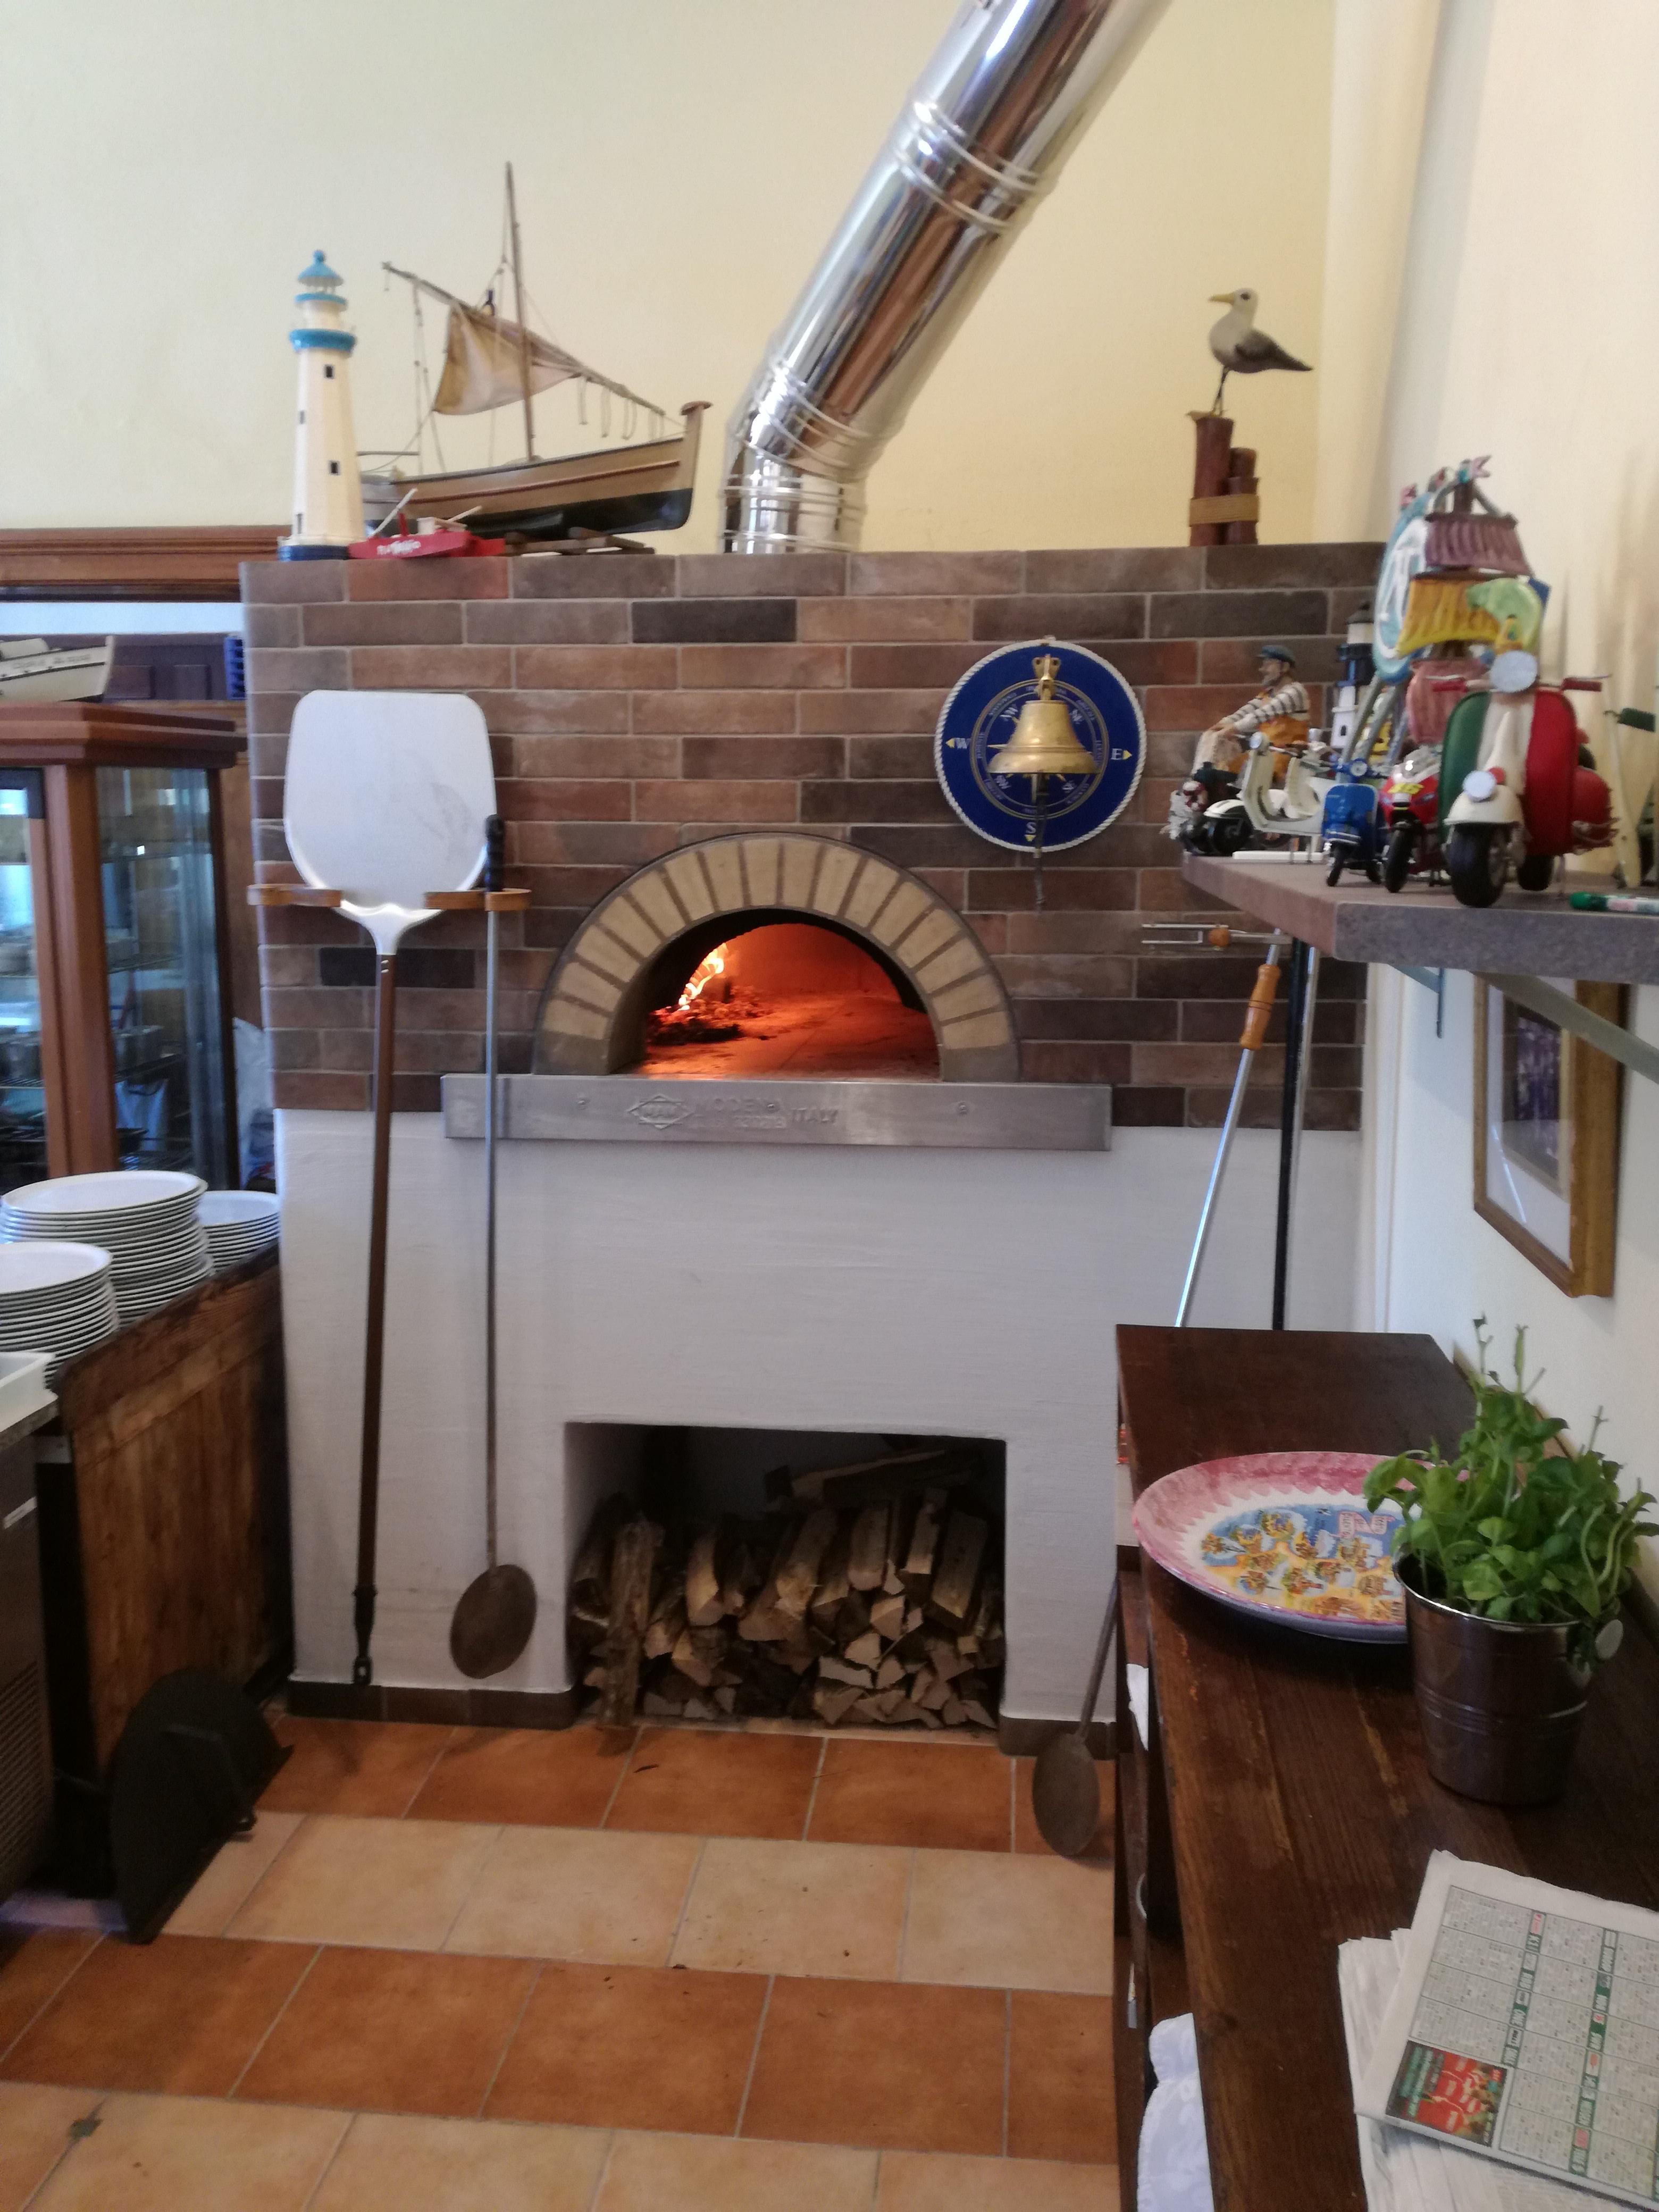 Pizzaria Montefusco Rudersdorf